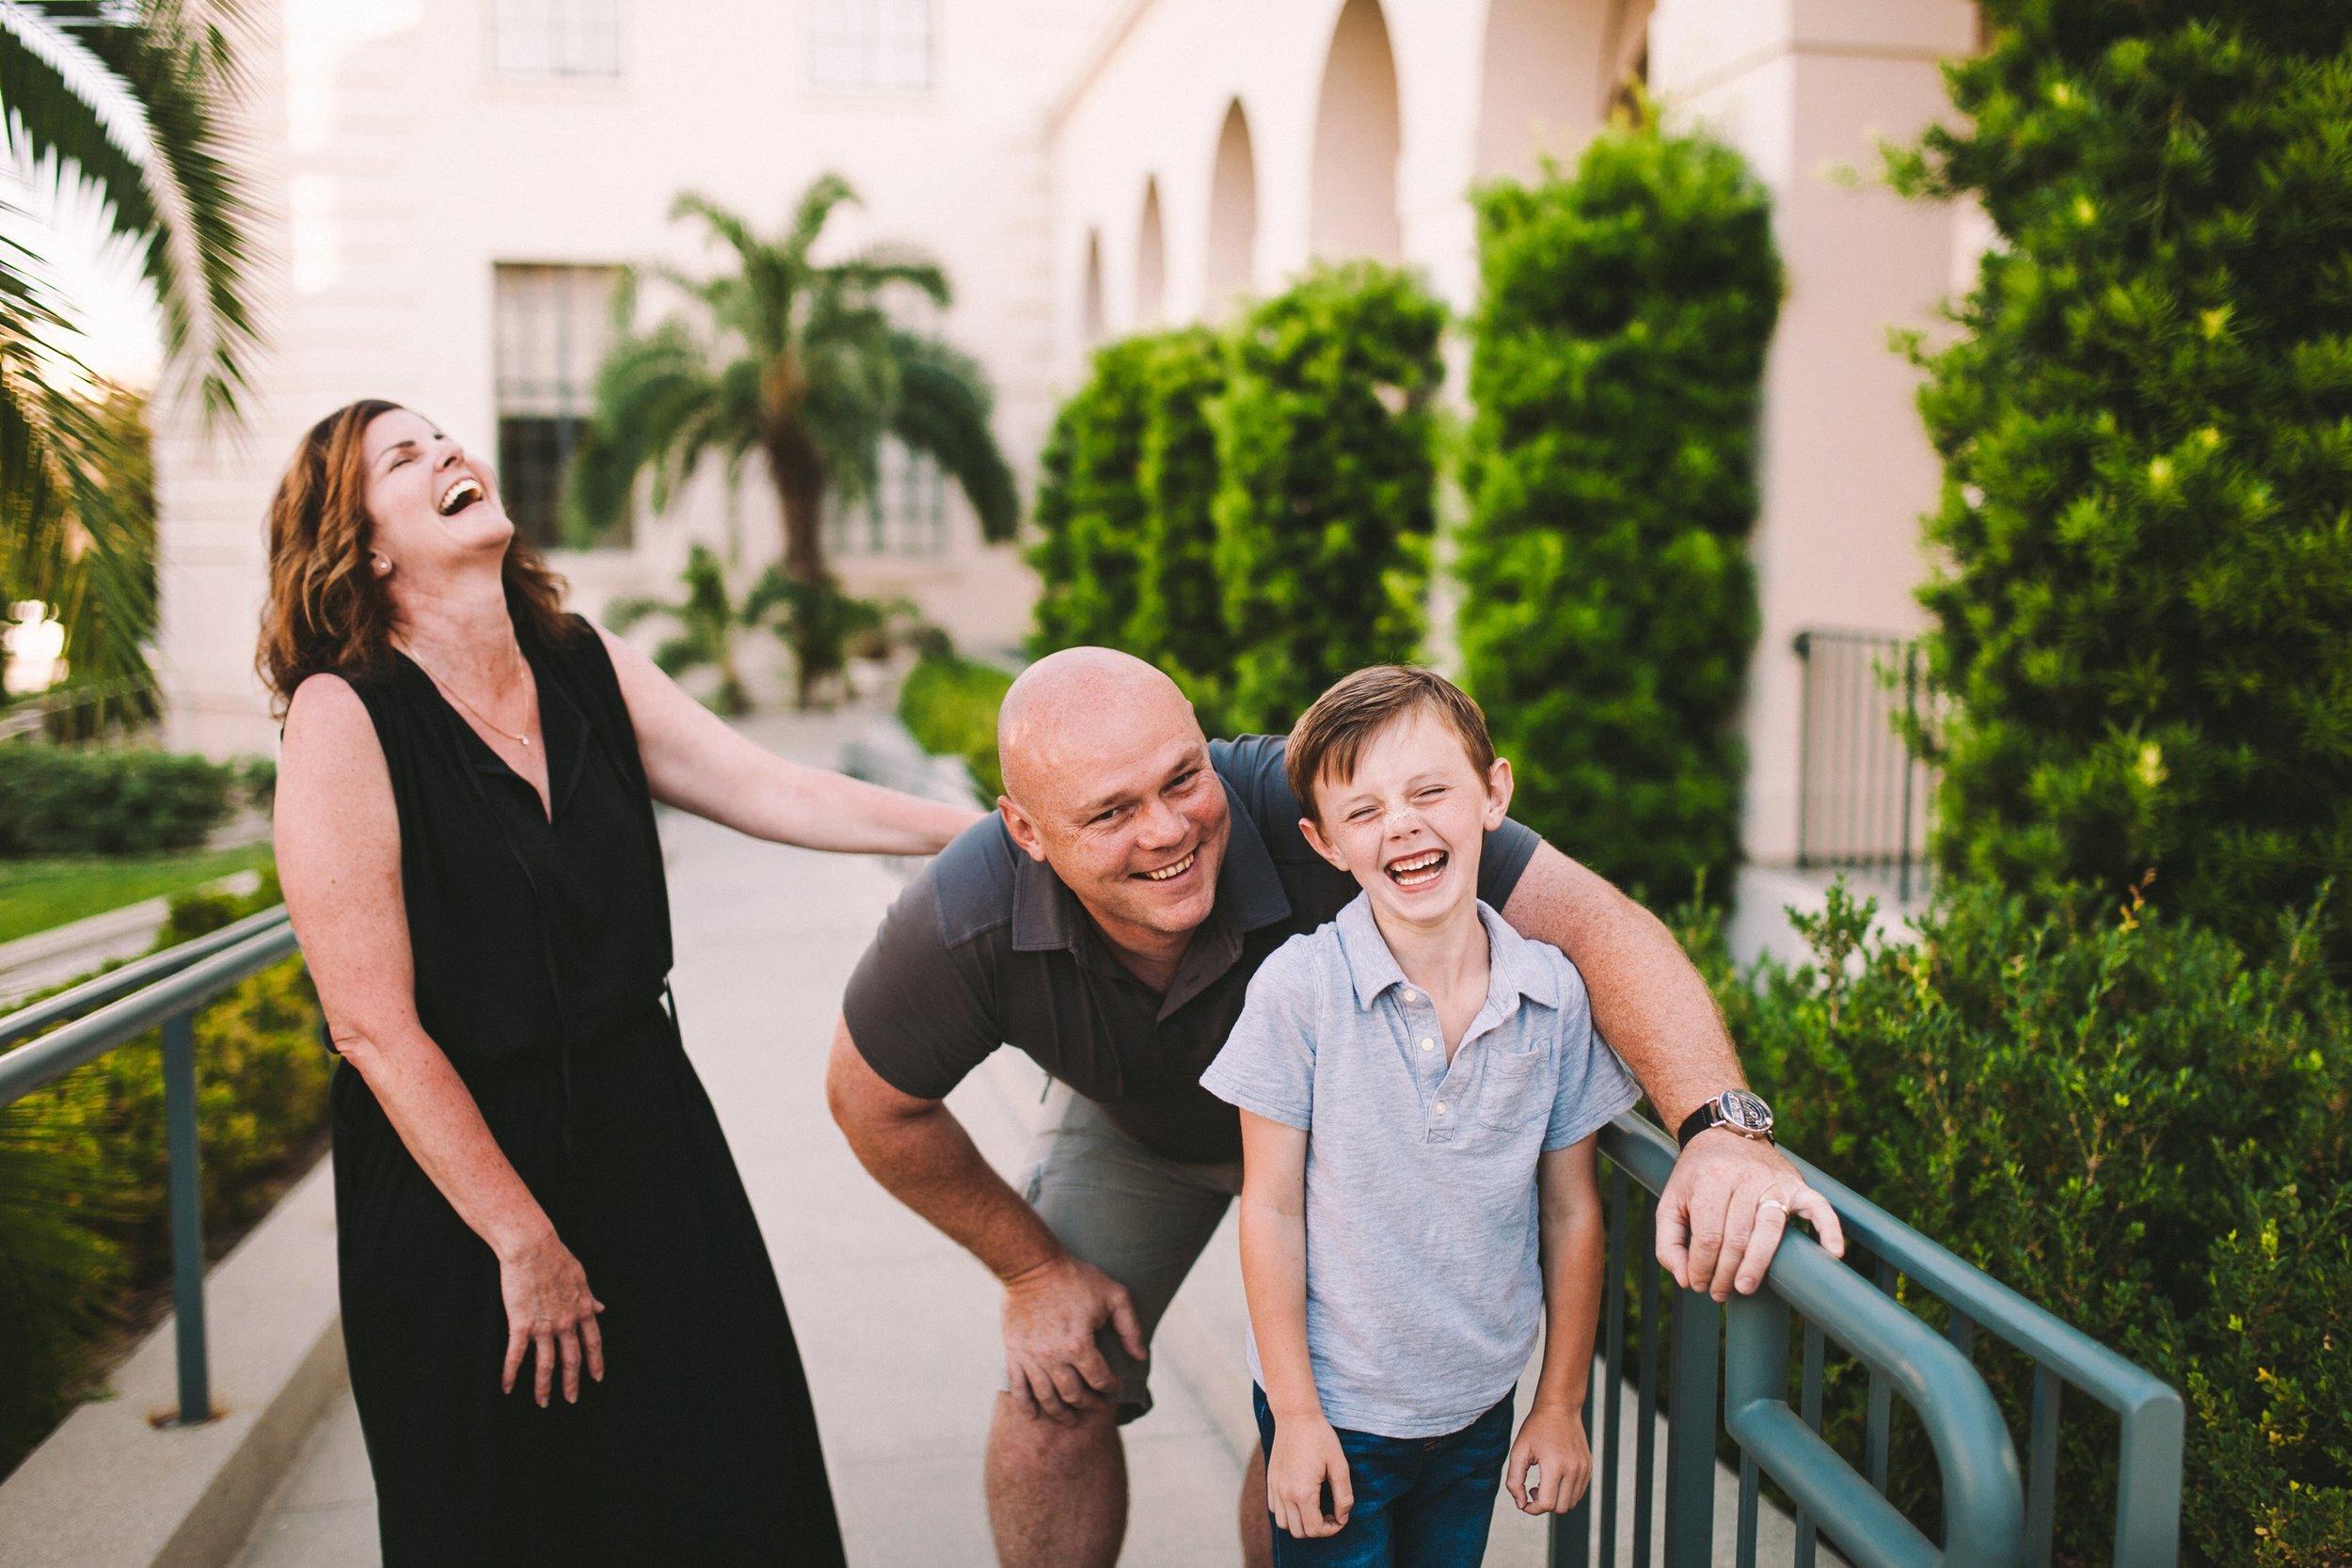 Pasadena City Hall Family Photography Session 12.jpg